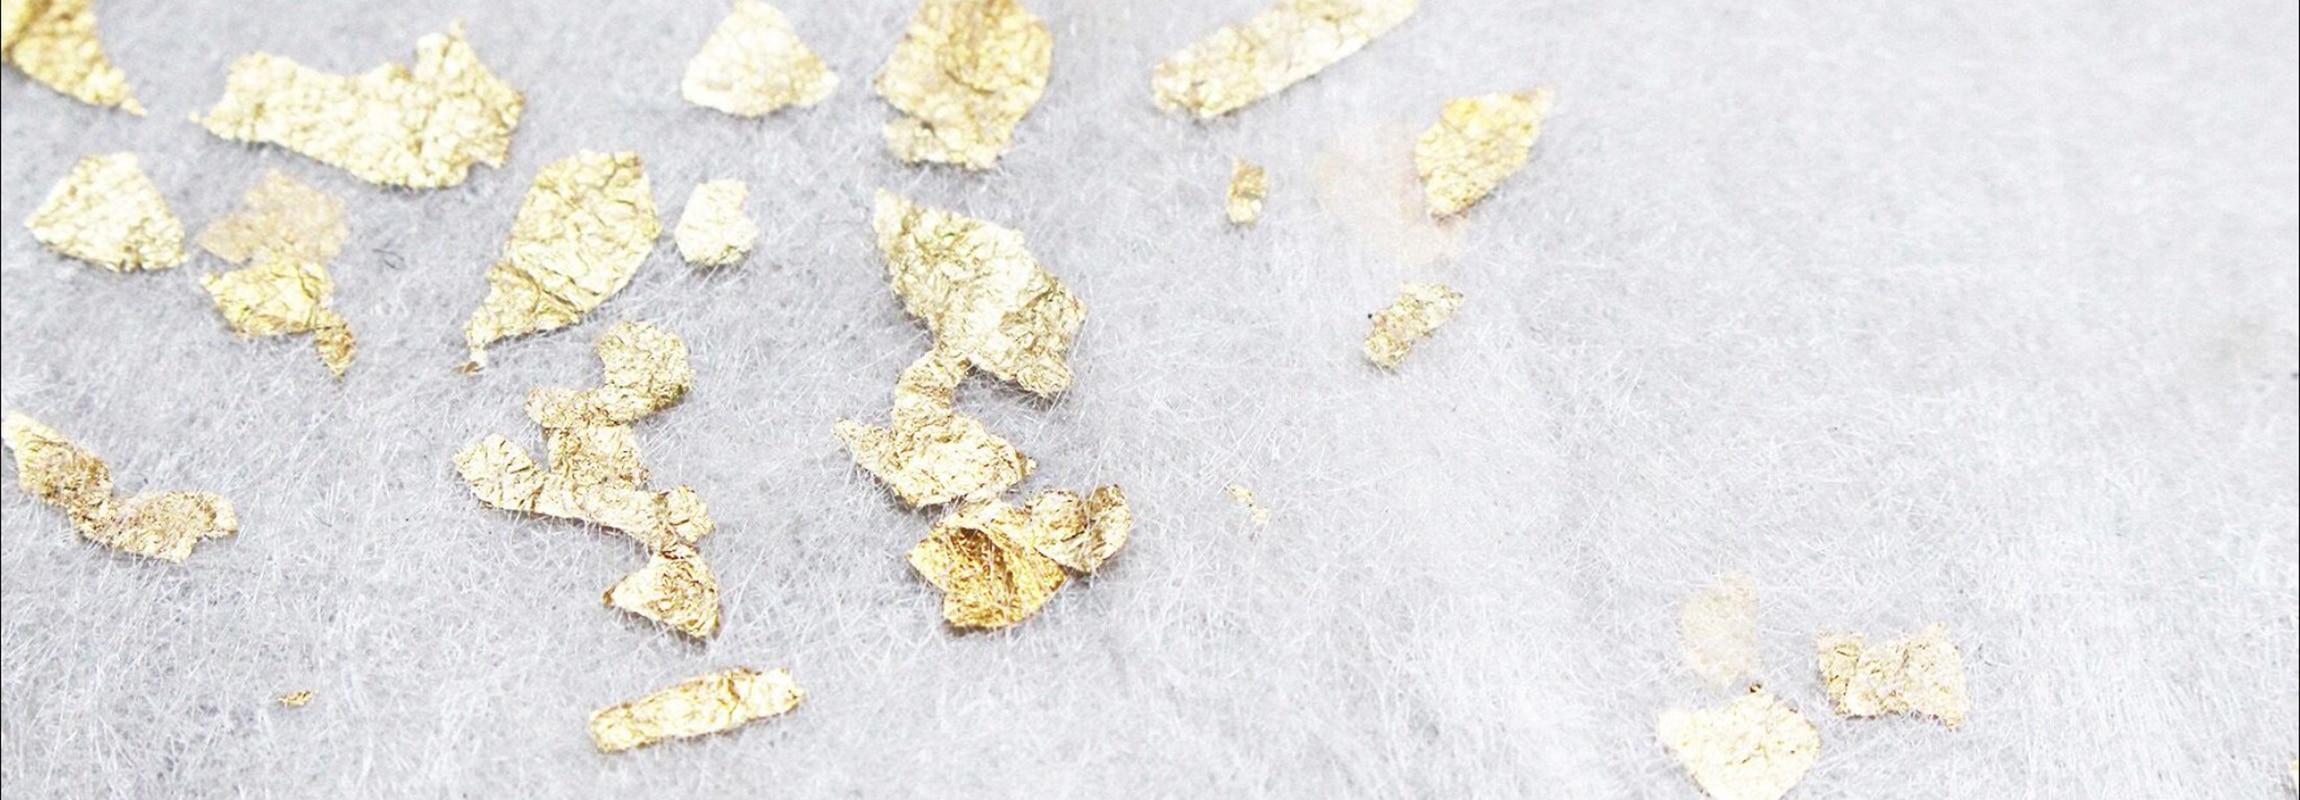 Sericyneseide mit Goldinklusionen